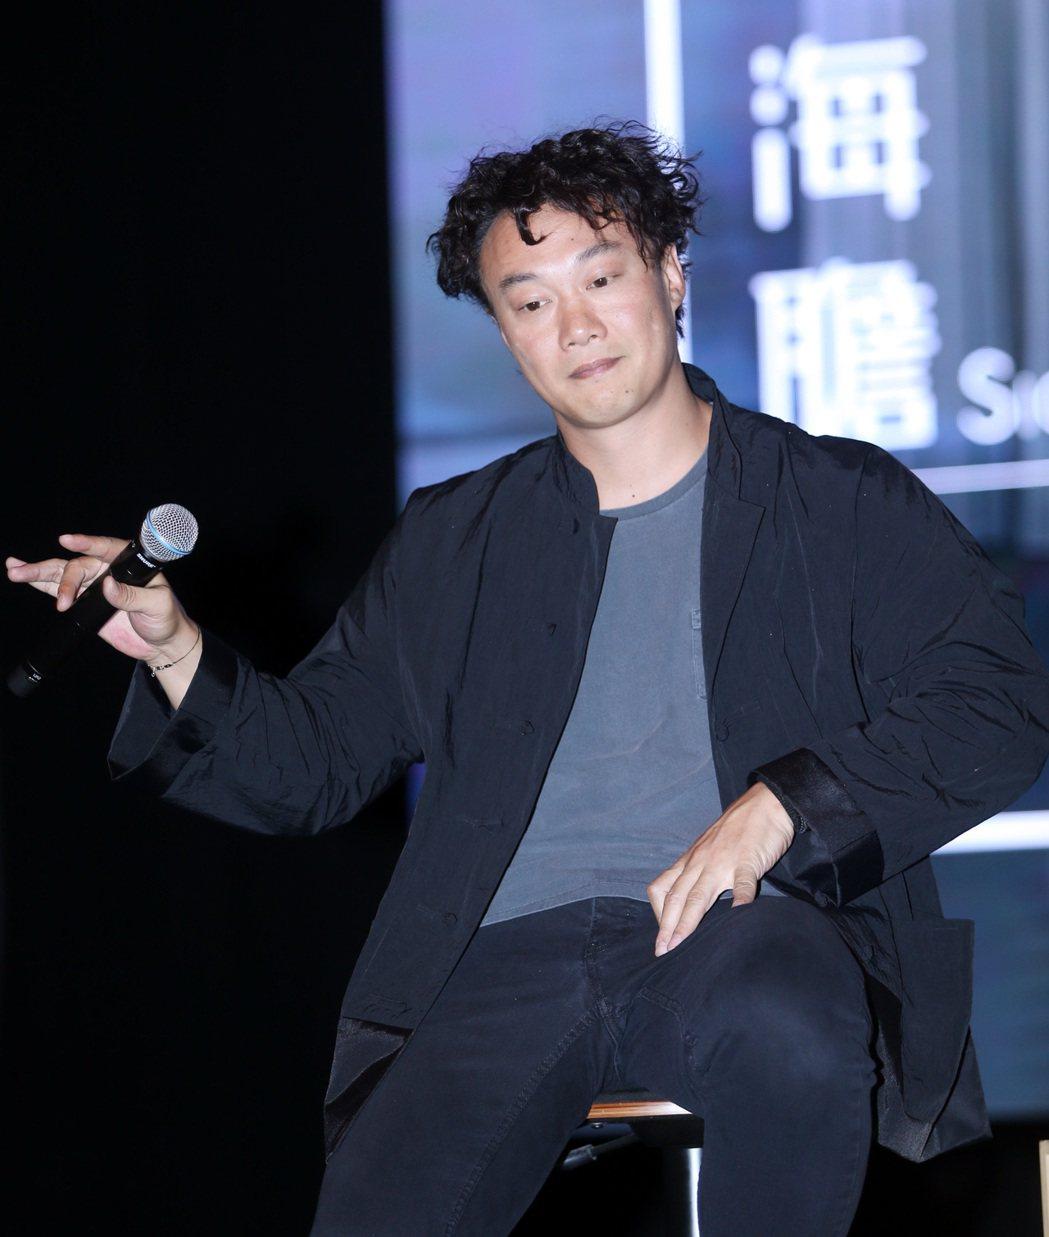 陳奕迅隨著音樂律動。記者侯永全/攝影